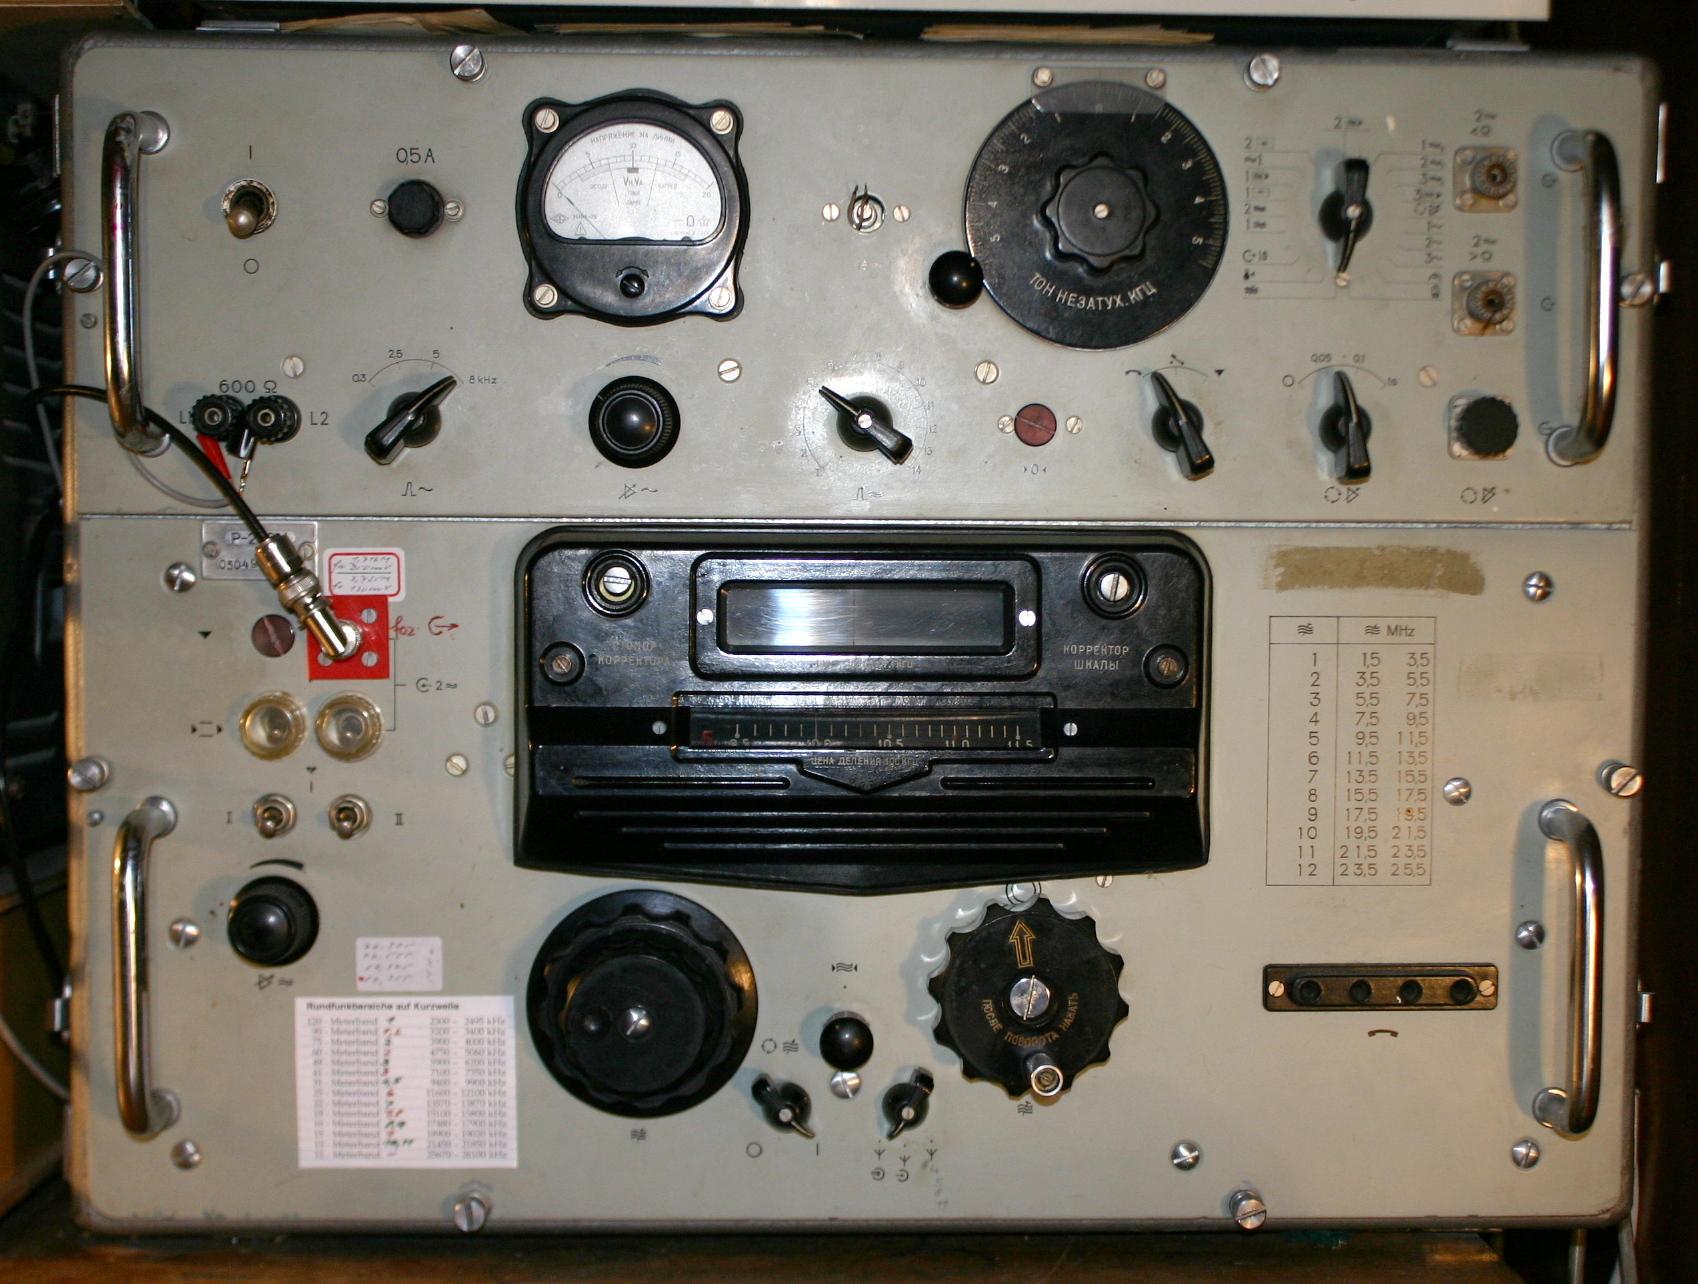 R-250 Foto R 250m